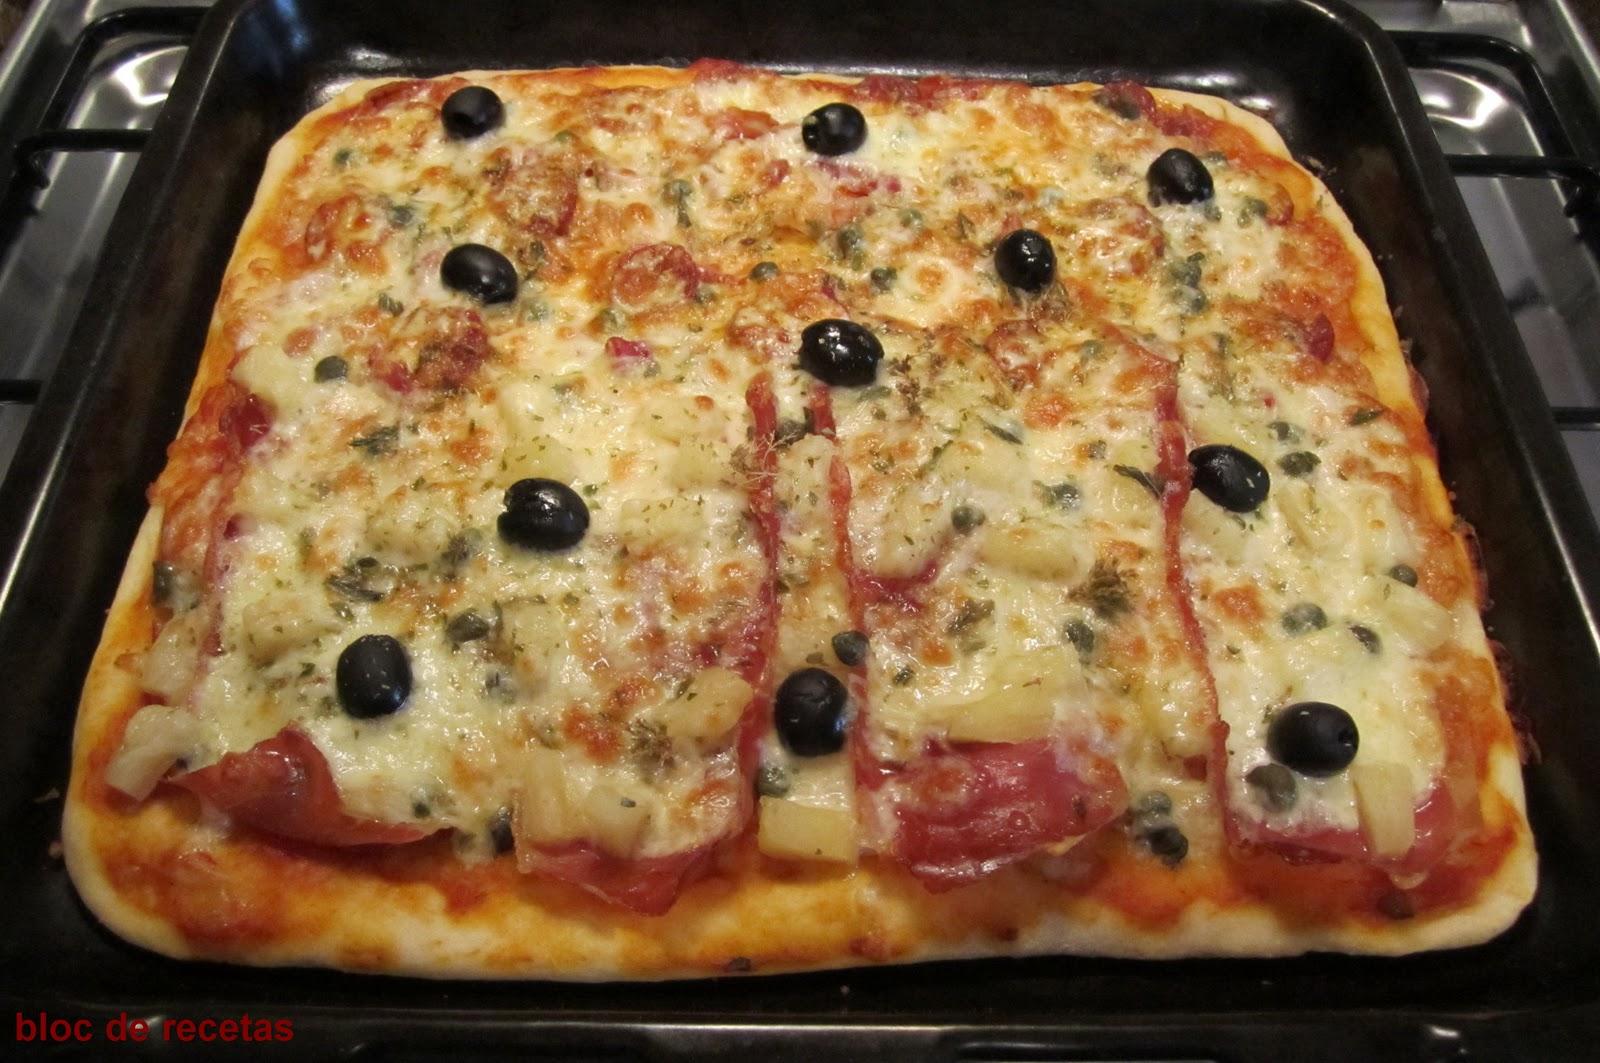 Recetas italianas, recetas de cocina wiso mein geld 365 neuerungen bet365 bester slot italiana en espanol | recetas ...